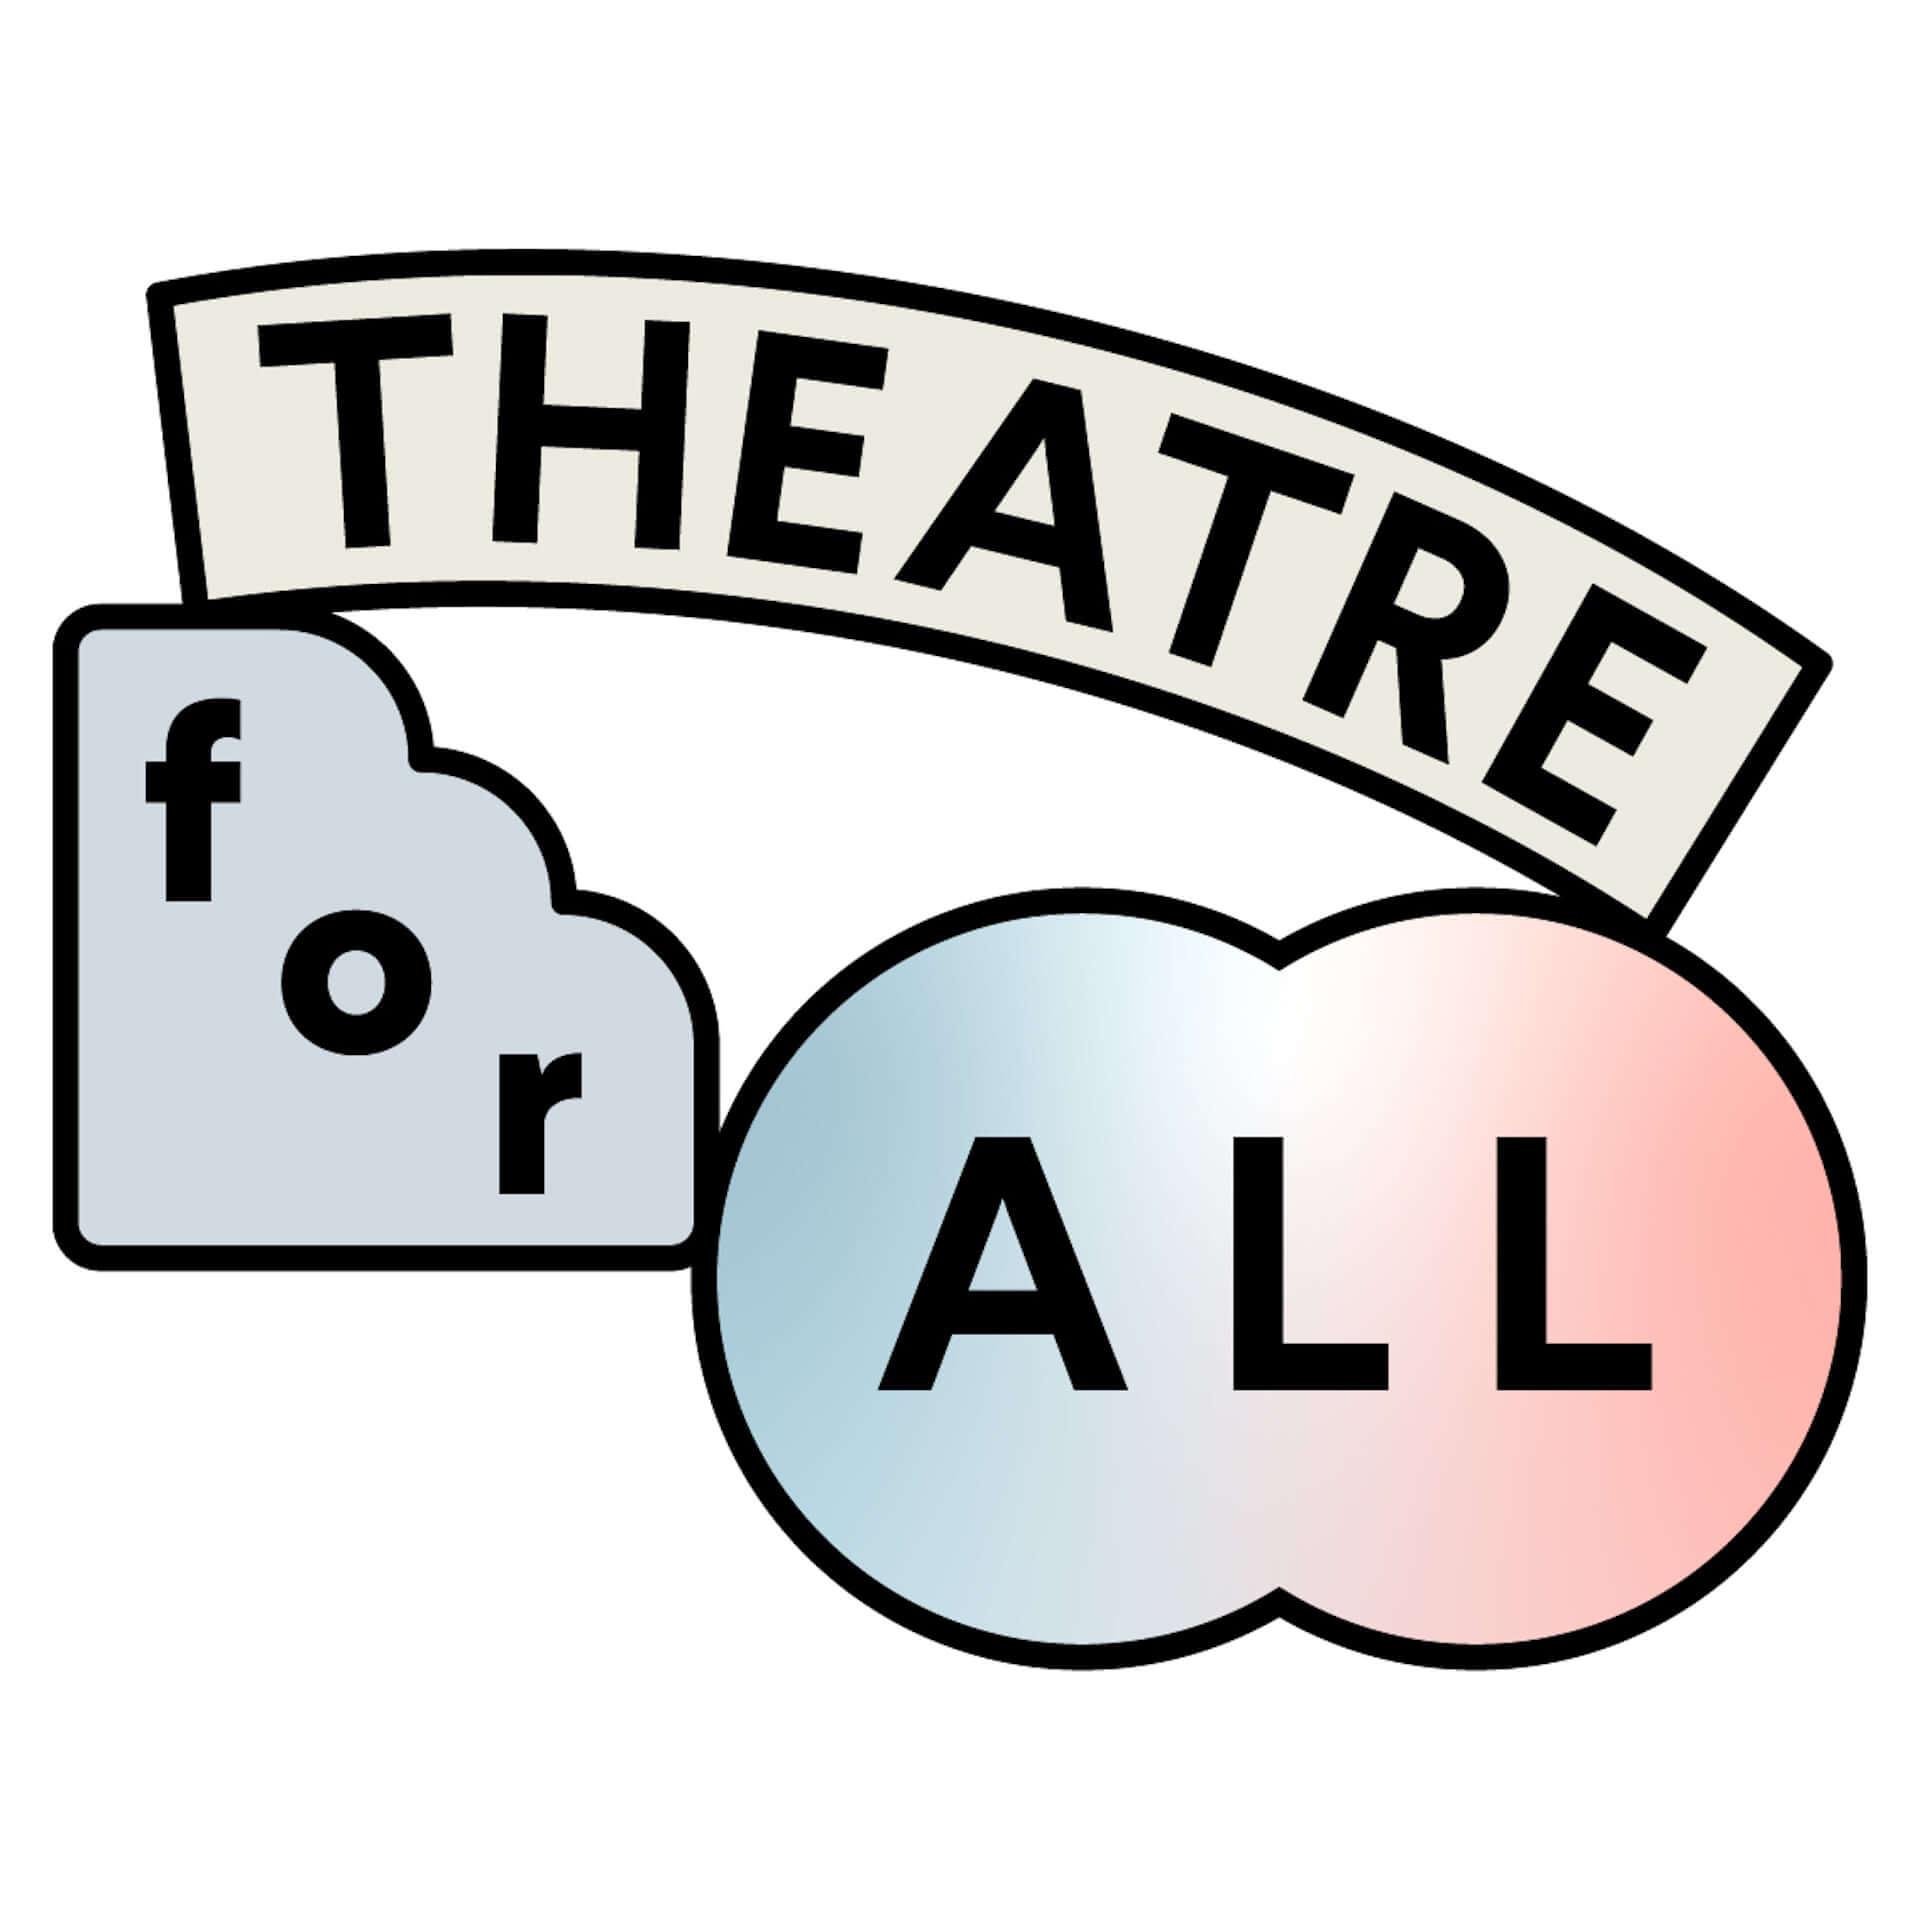 「THEATRE for ALL」の第2弾配信作品&ラーニングプログラムが発表!和田永『エレクトロニコス・ファンタスティコス!』など多数展開 art210125_theatreforall_12-1920x1920